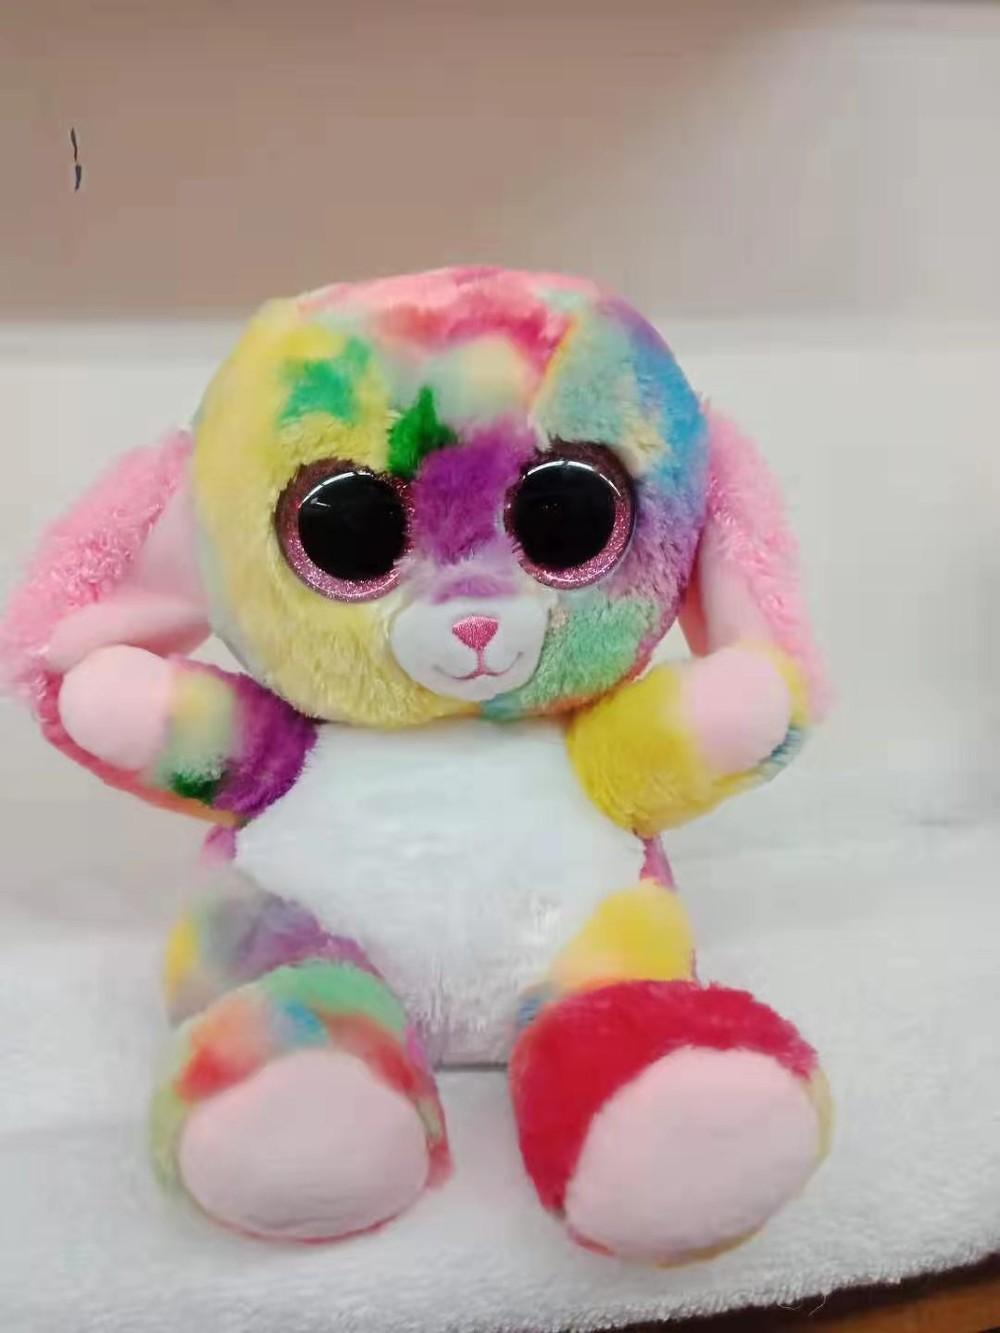 Cute Fluffy Stuffed Animals with Three Color Big Eye